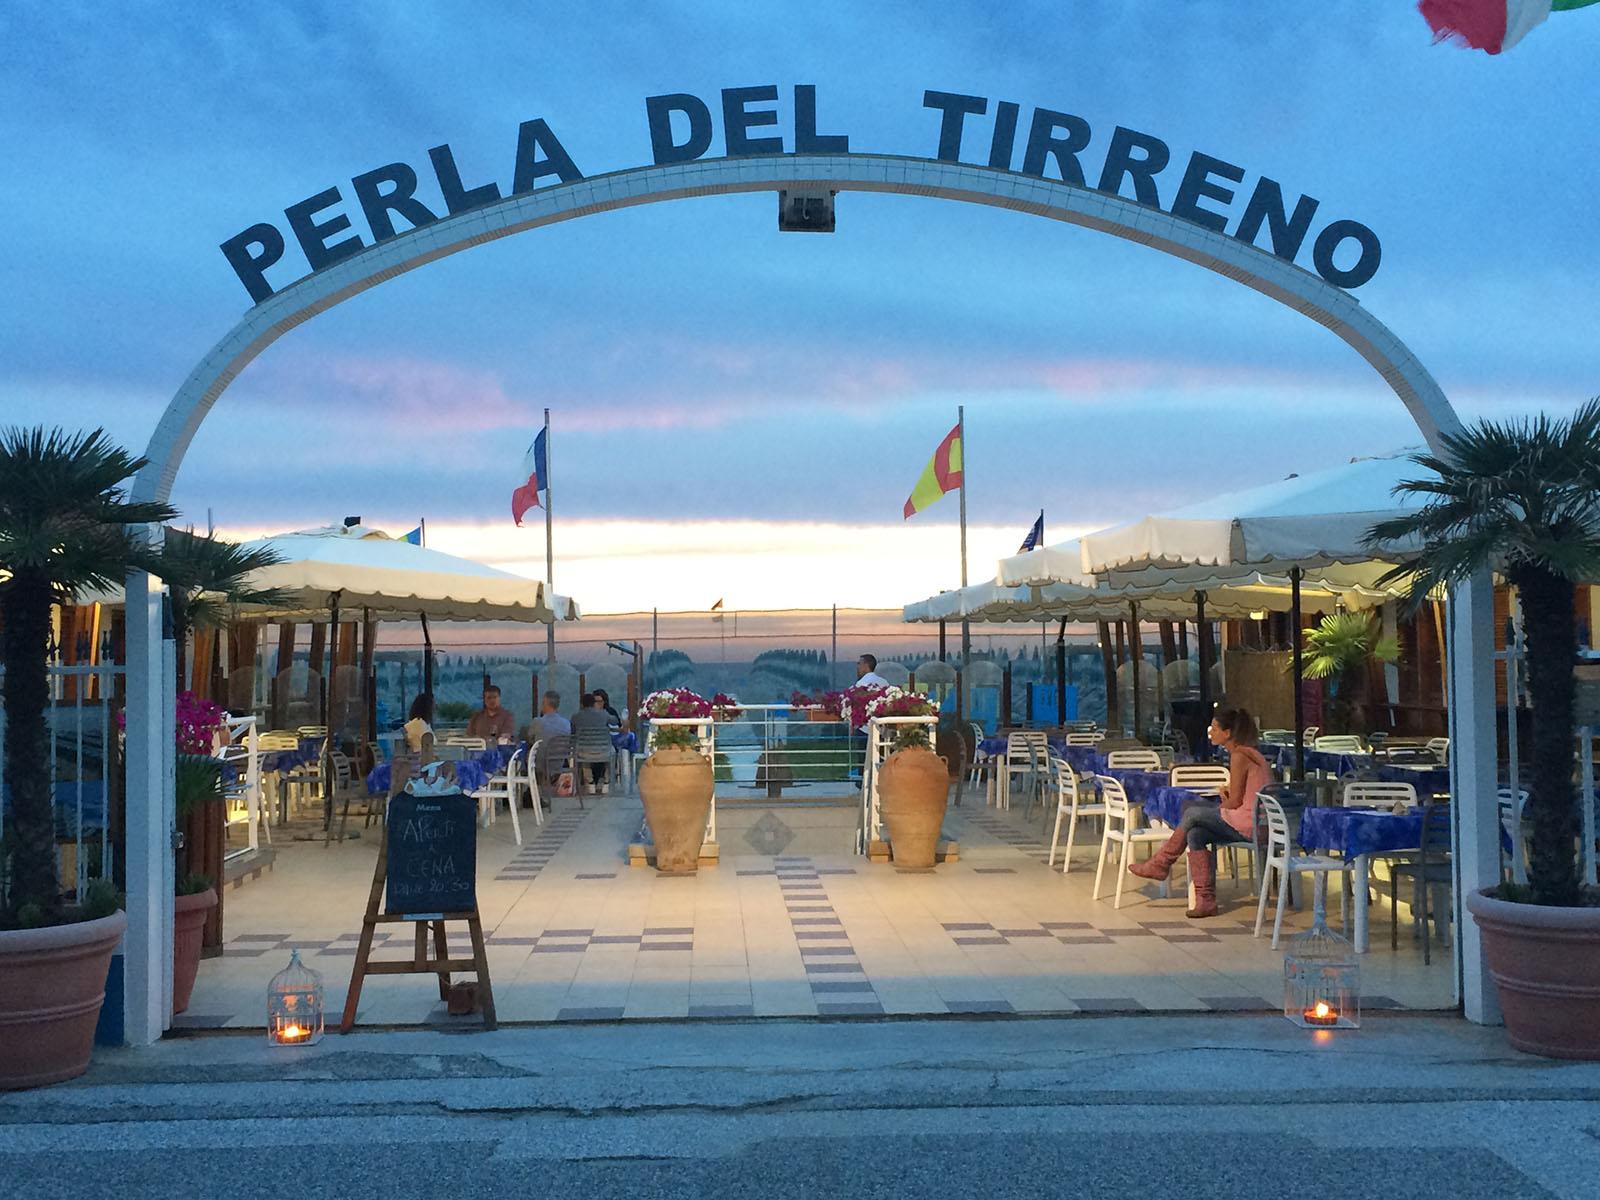 Perla del Tirreno